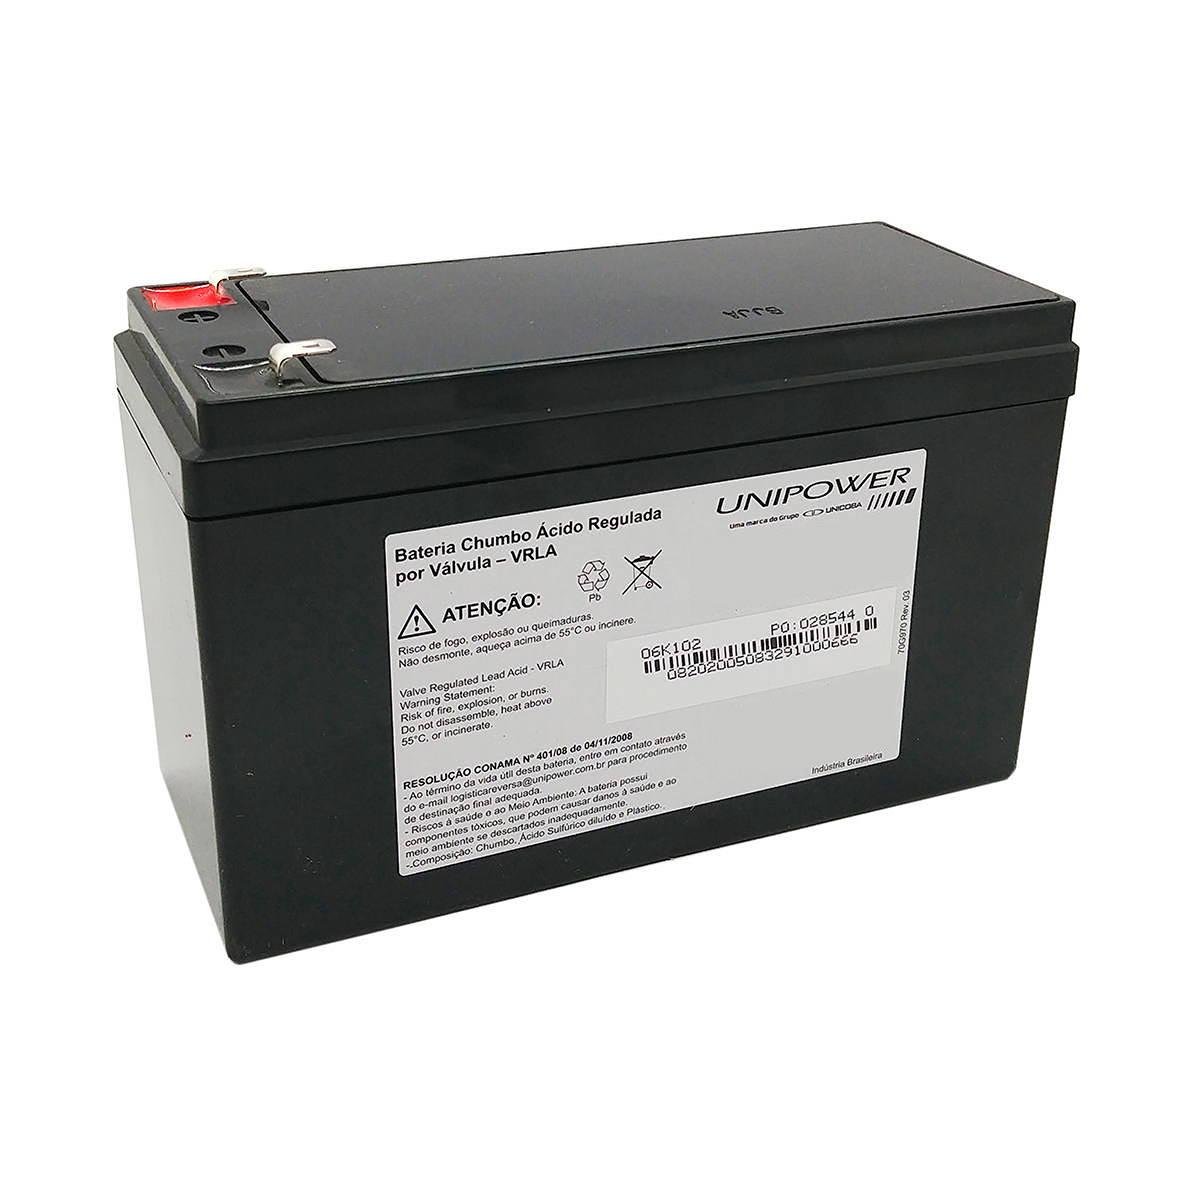 Bateria 12V 4Ah Selada para Centrais de Alarme Sistema de Segurança CFTV Cerca Elétrica Unicoba Unipower UP12ALARME